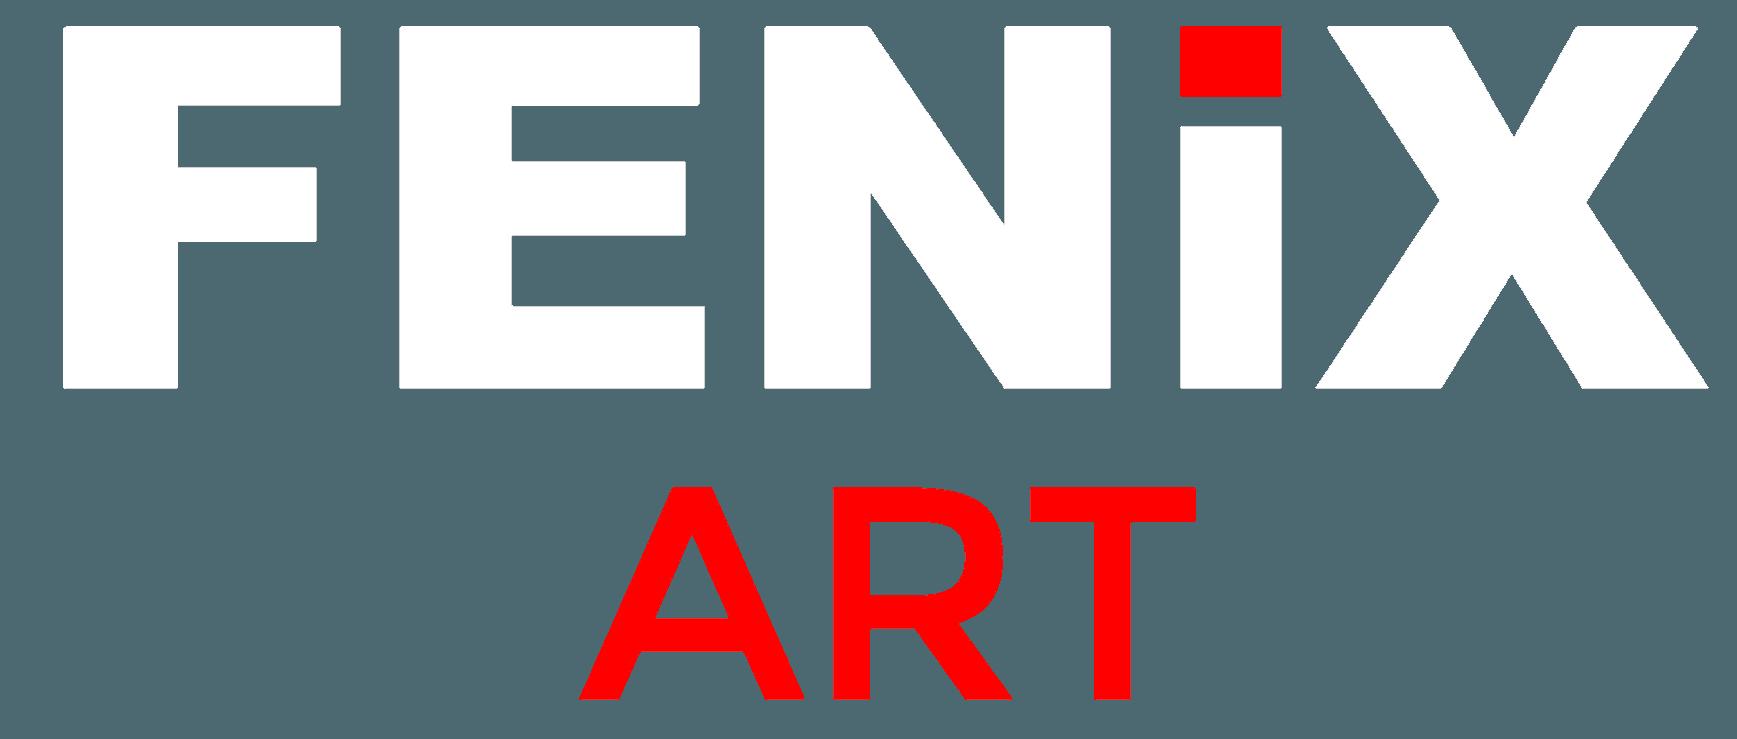 Dwornik.com.pl   FENIX ART   Jasne